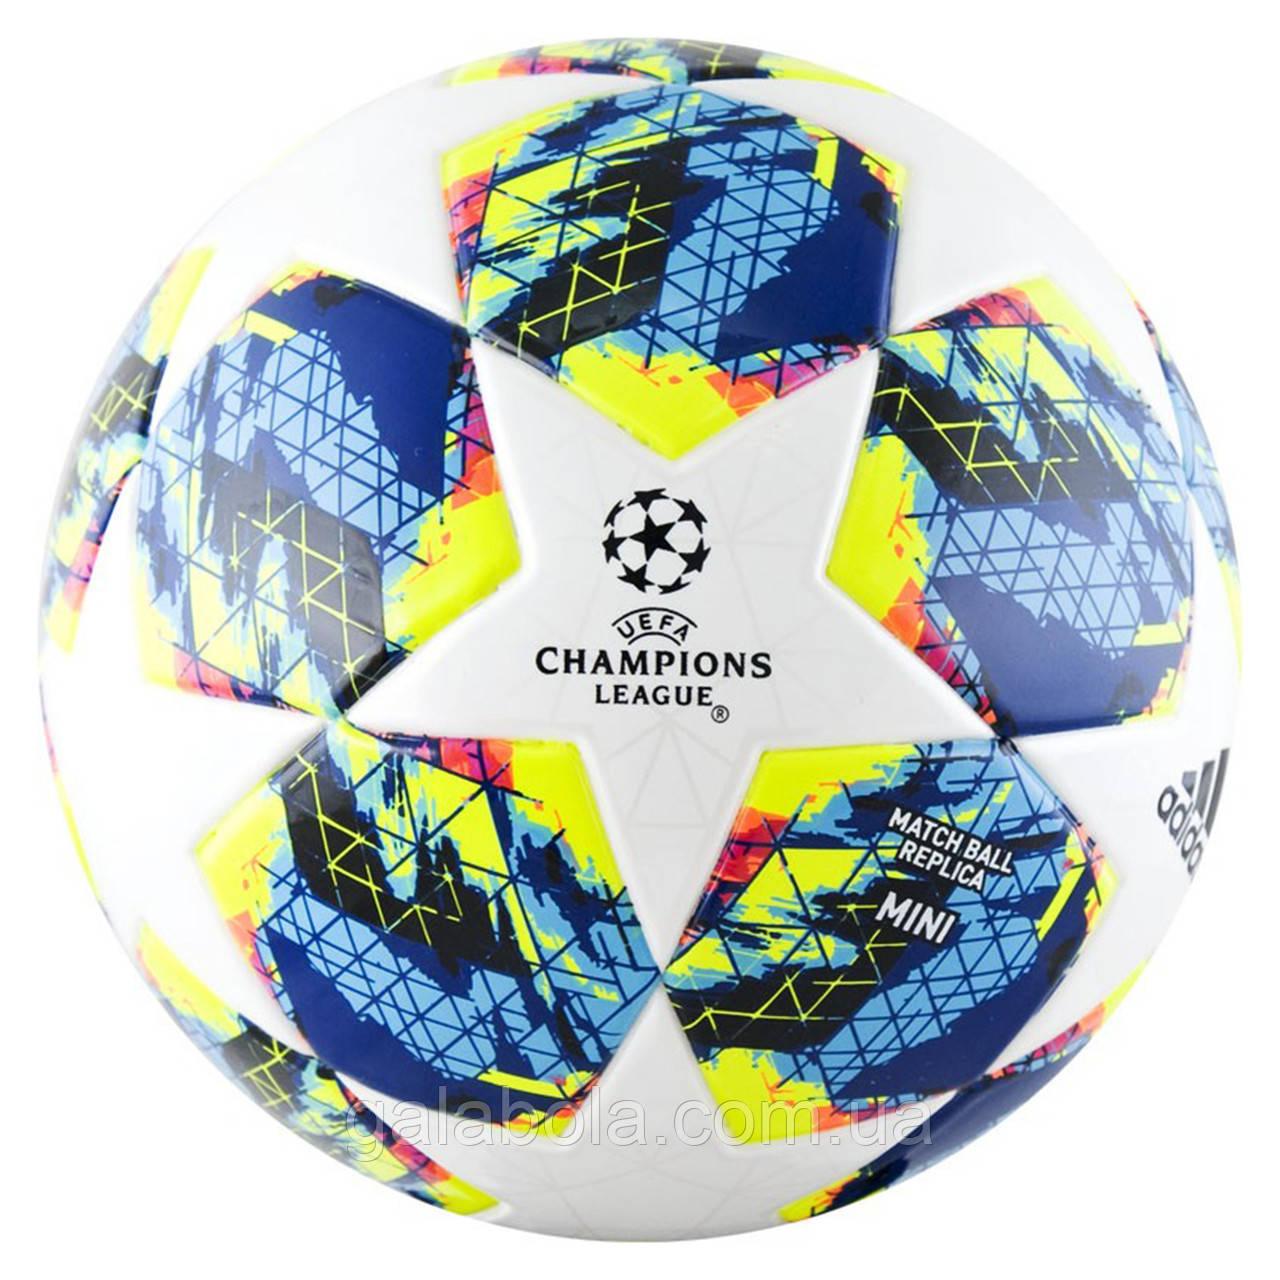 Мяч футбольный Adidas Finale 19 Mini DY2563 (размер 1)